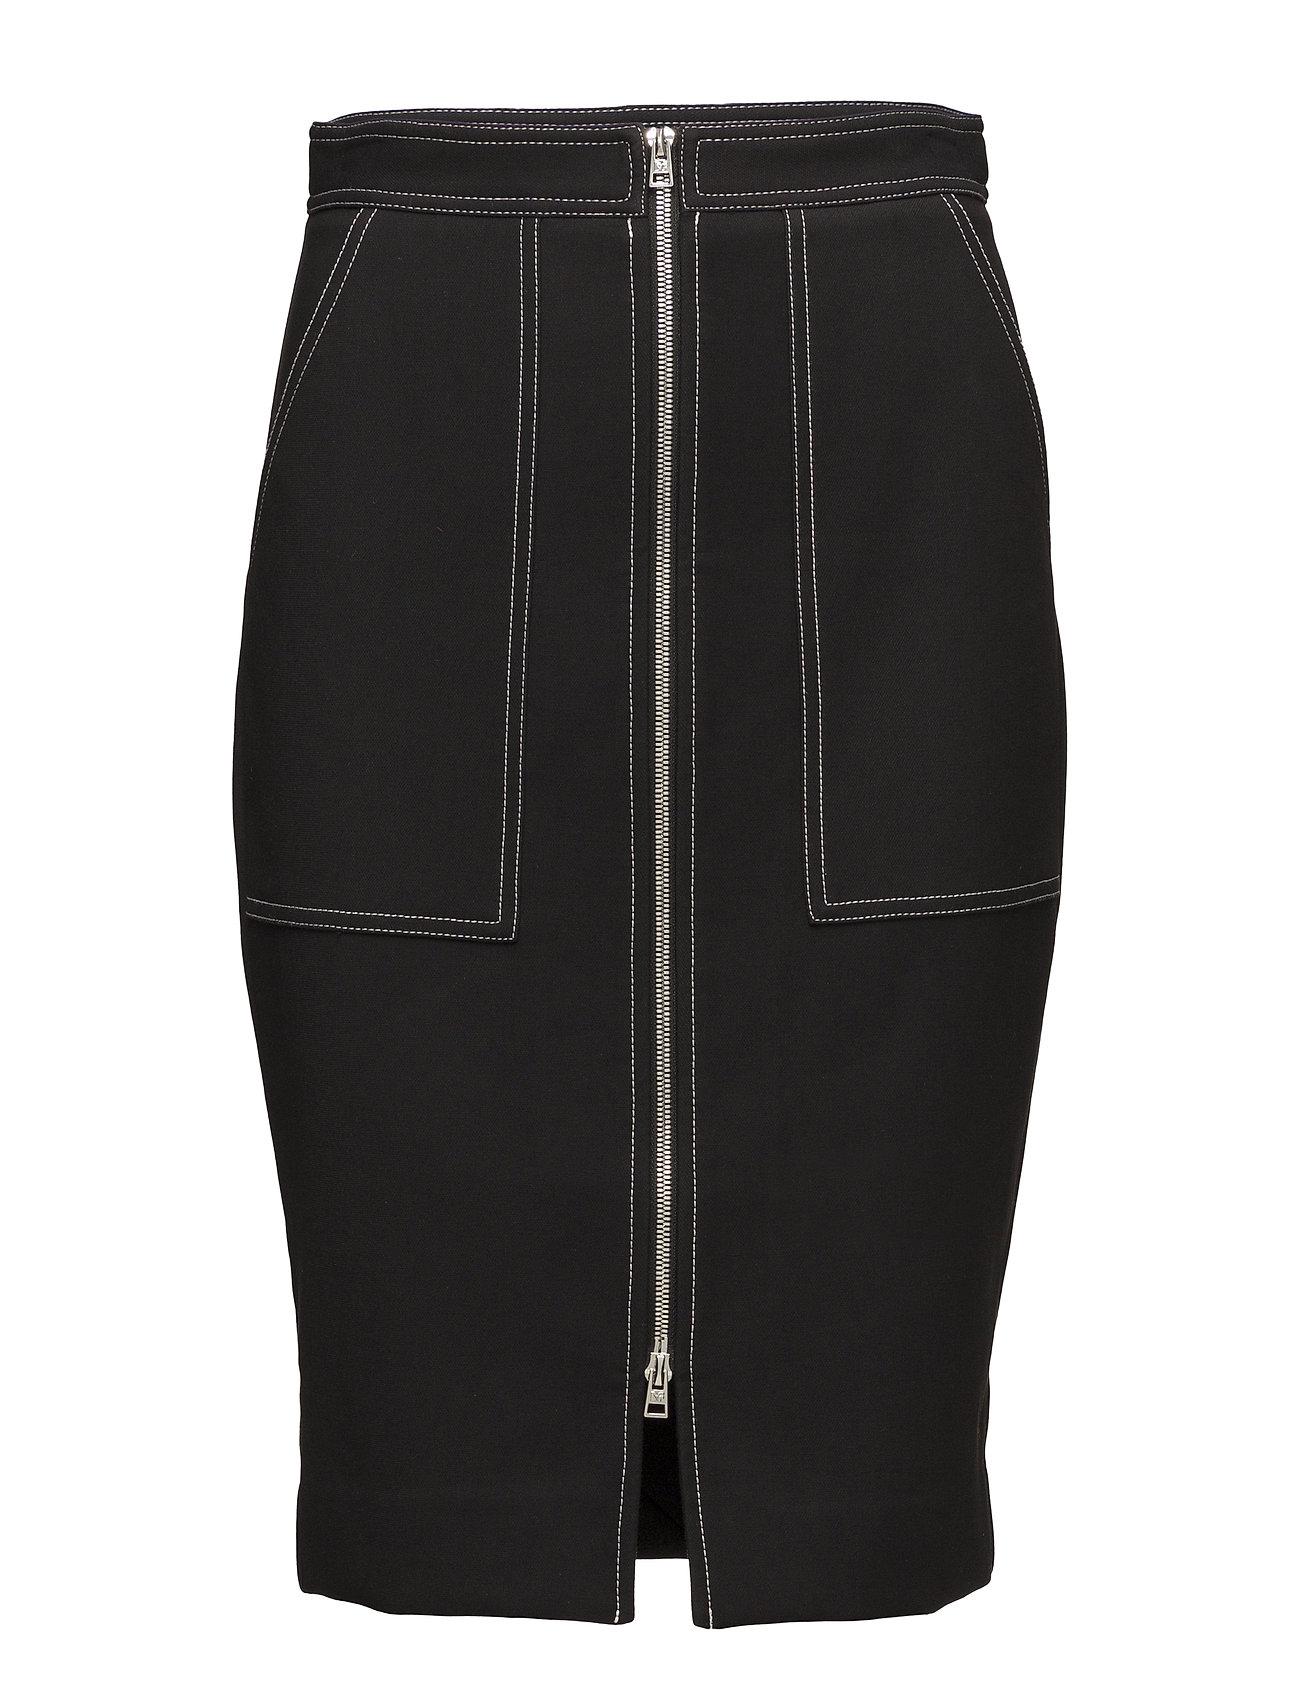 Patch Pocket Zip Skirt - Diane von Furstenberg